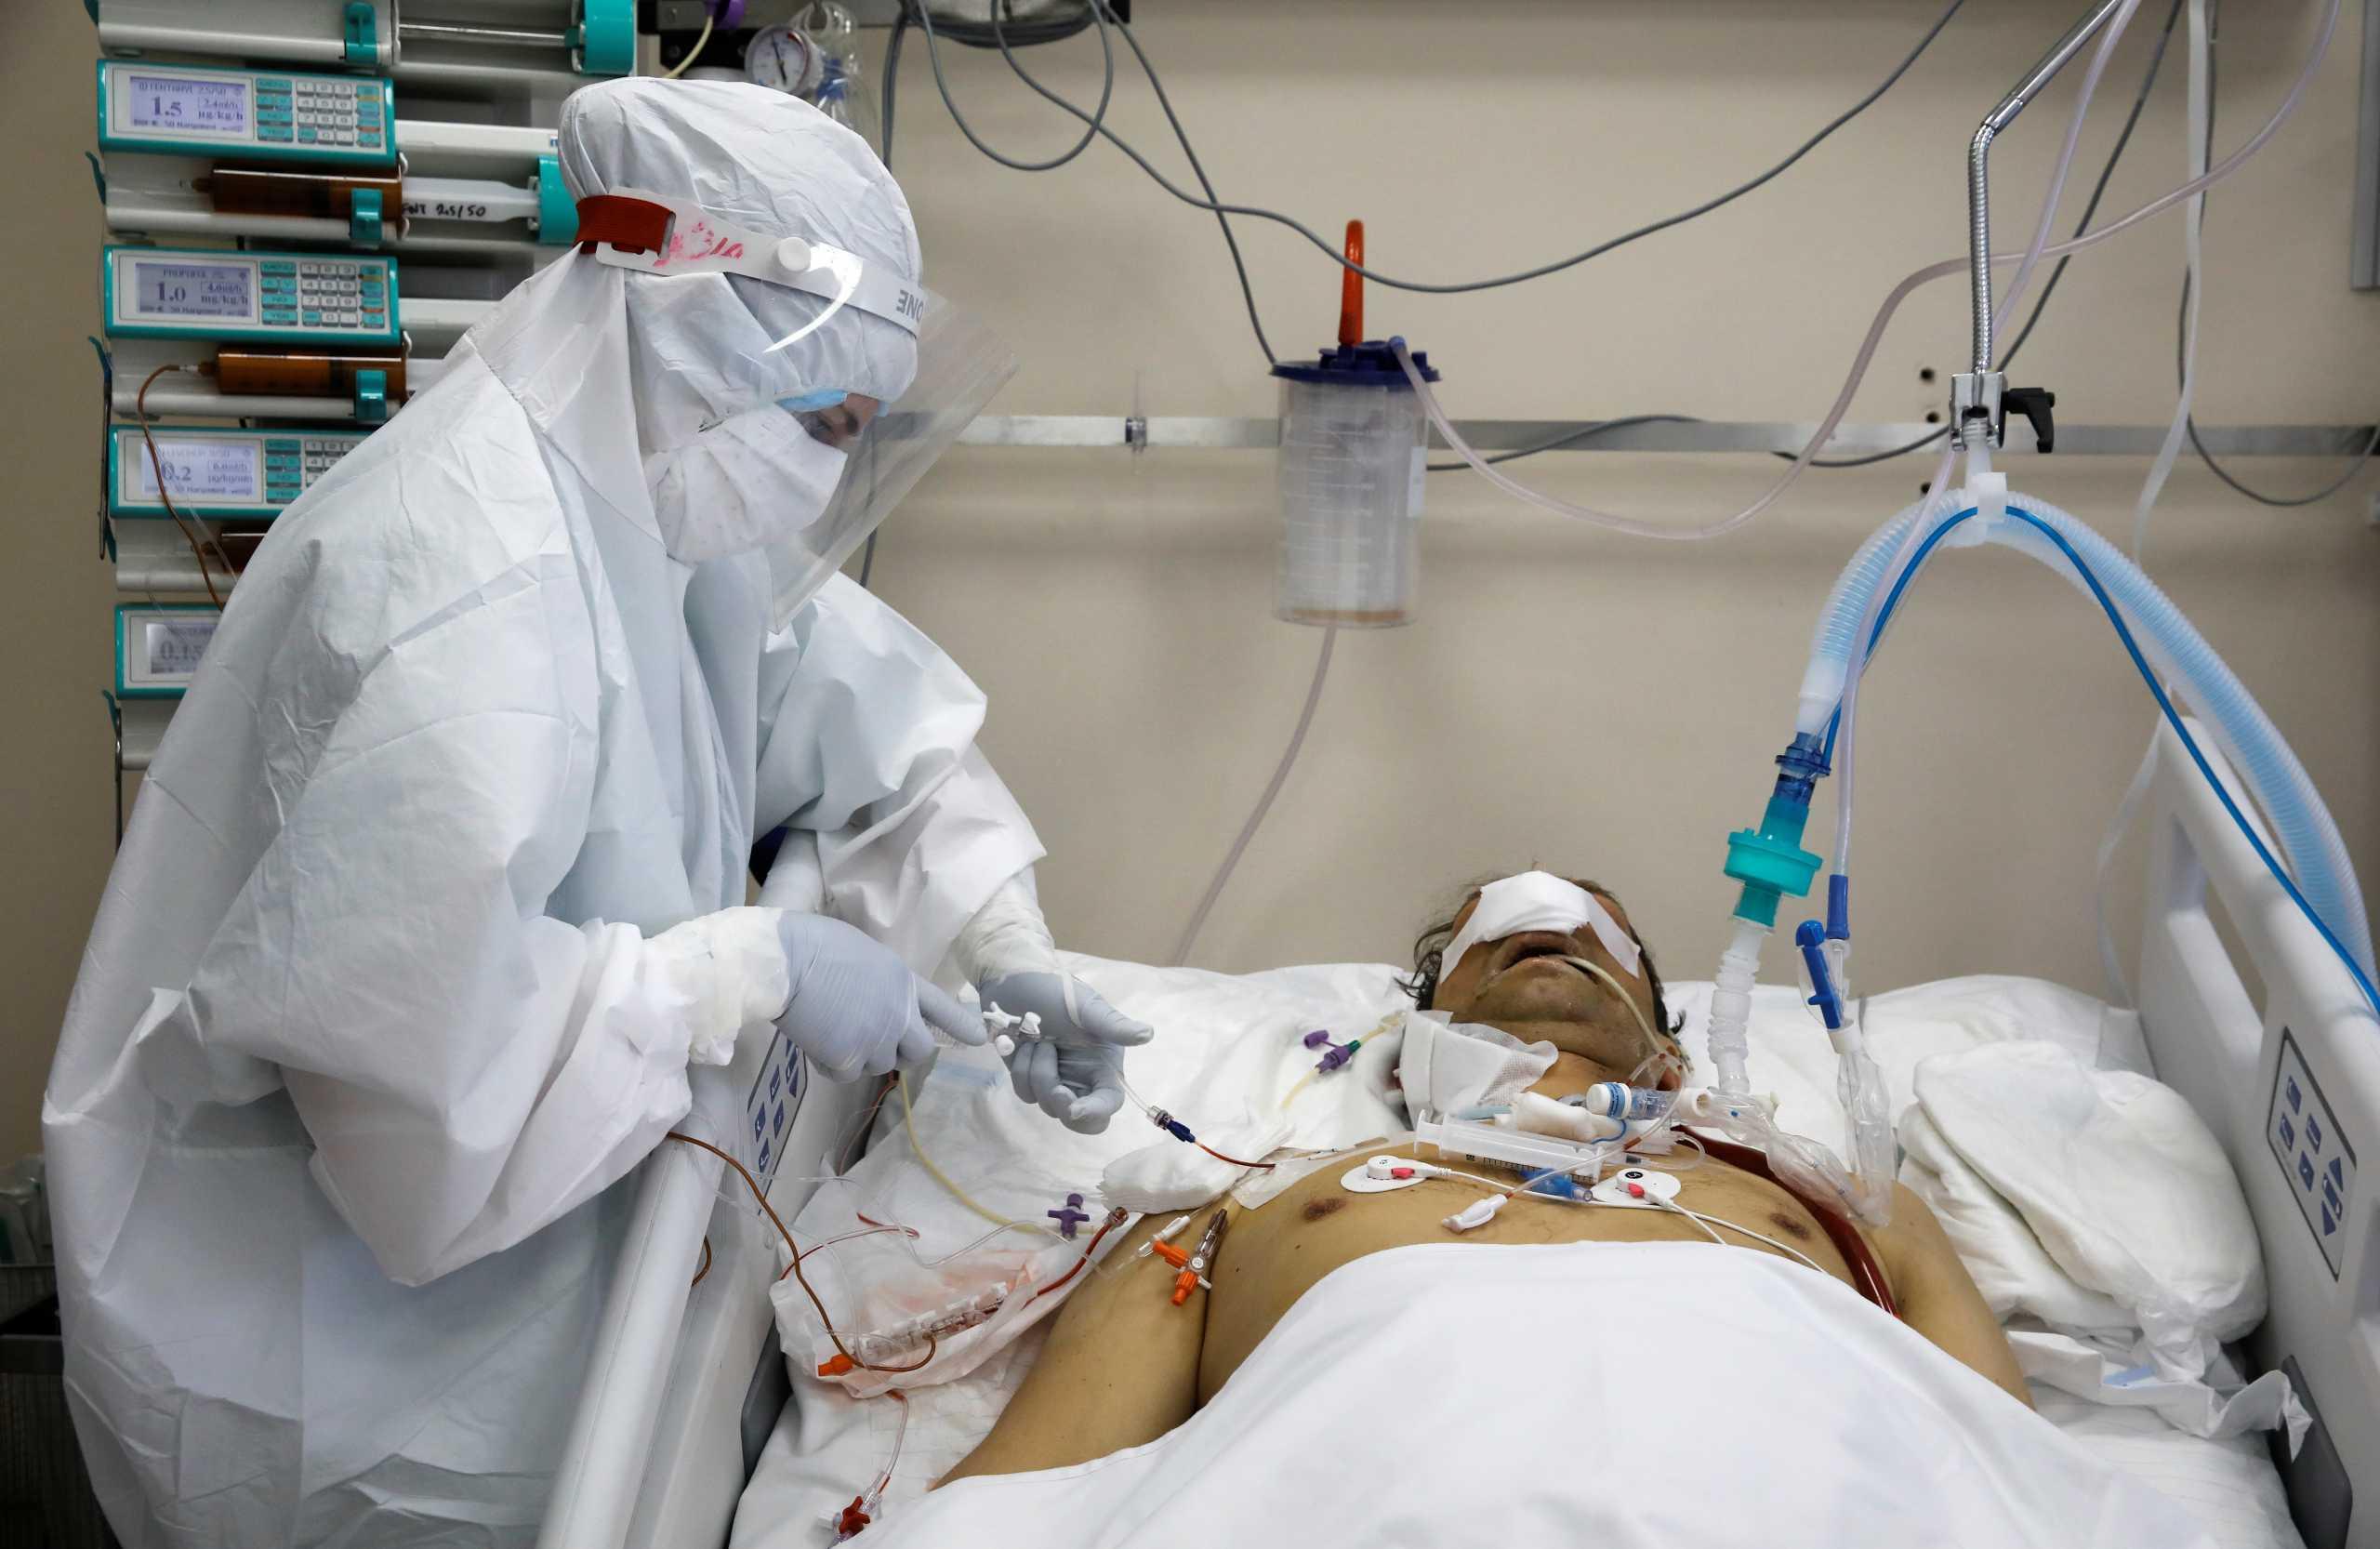 Κορονοϊός – Έρευνα: Ένας στους τρεις ασθενείς δεν είχε καθόλου συμπτώματα